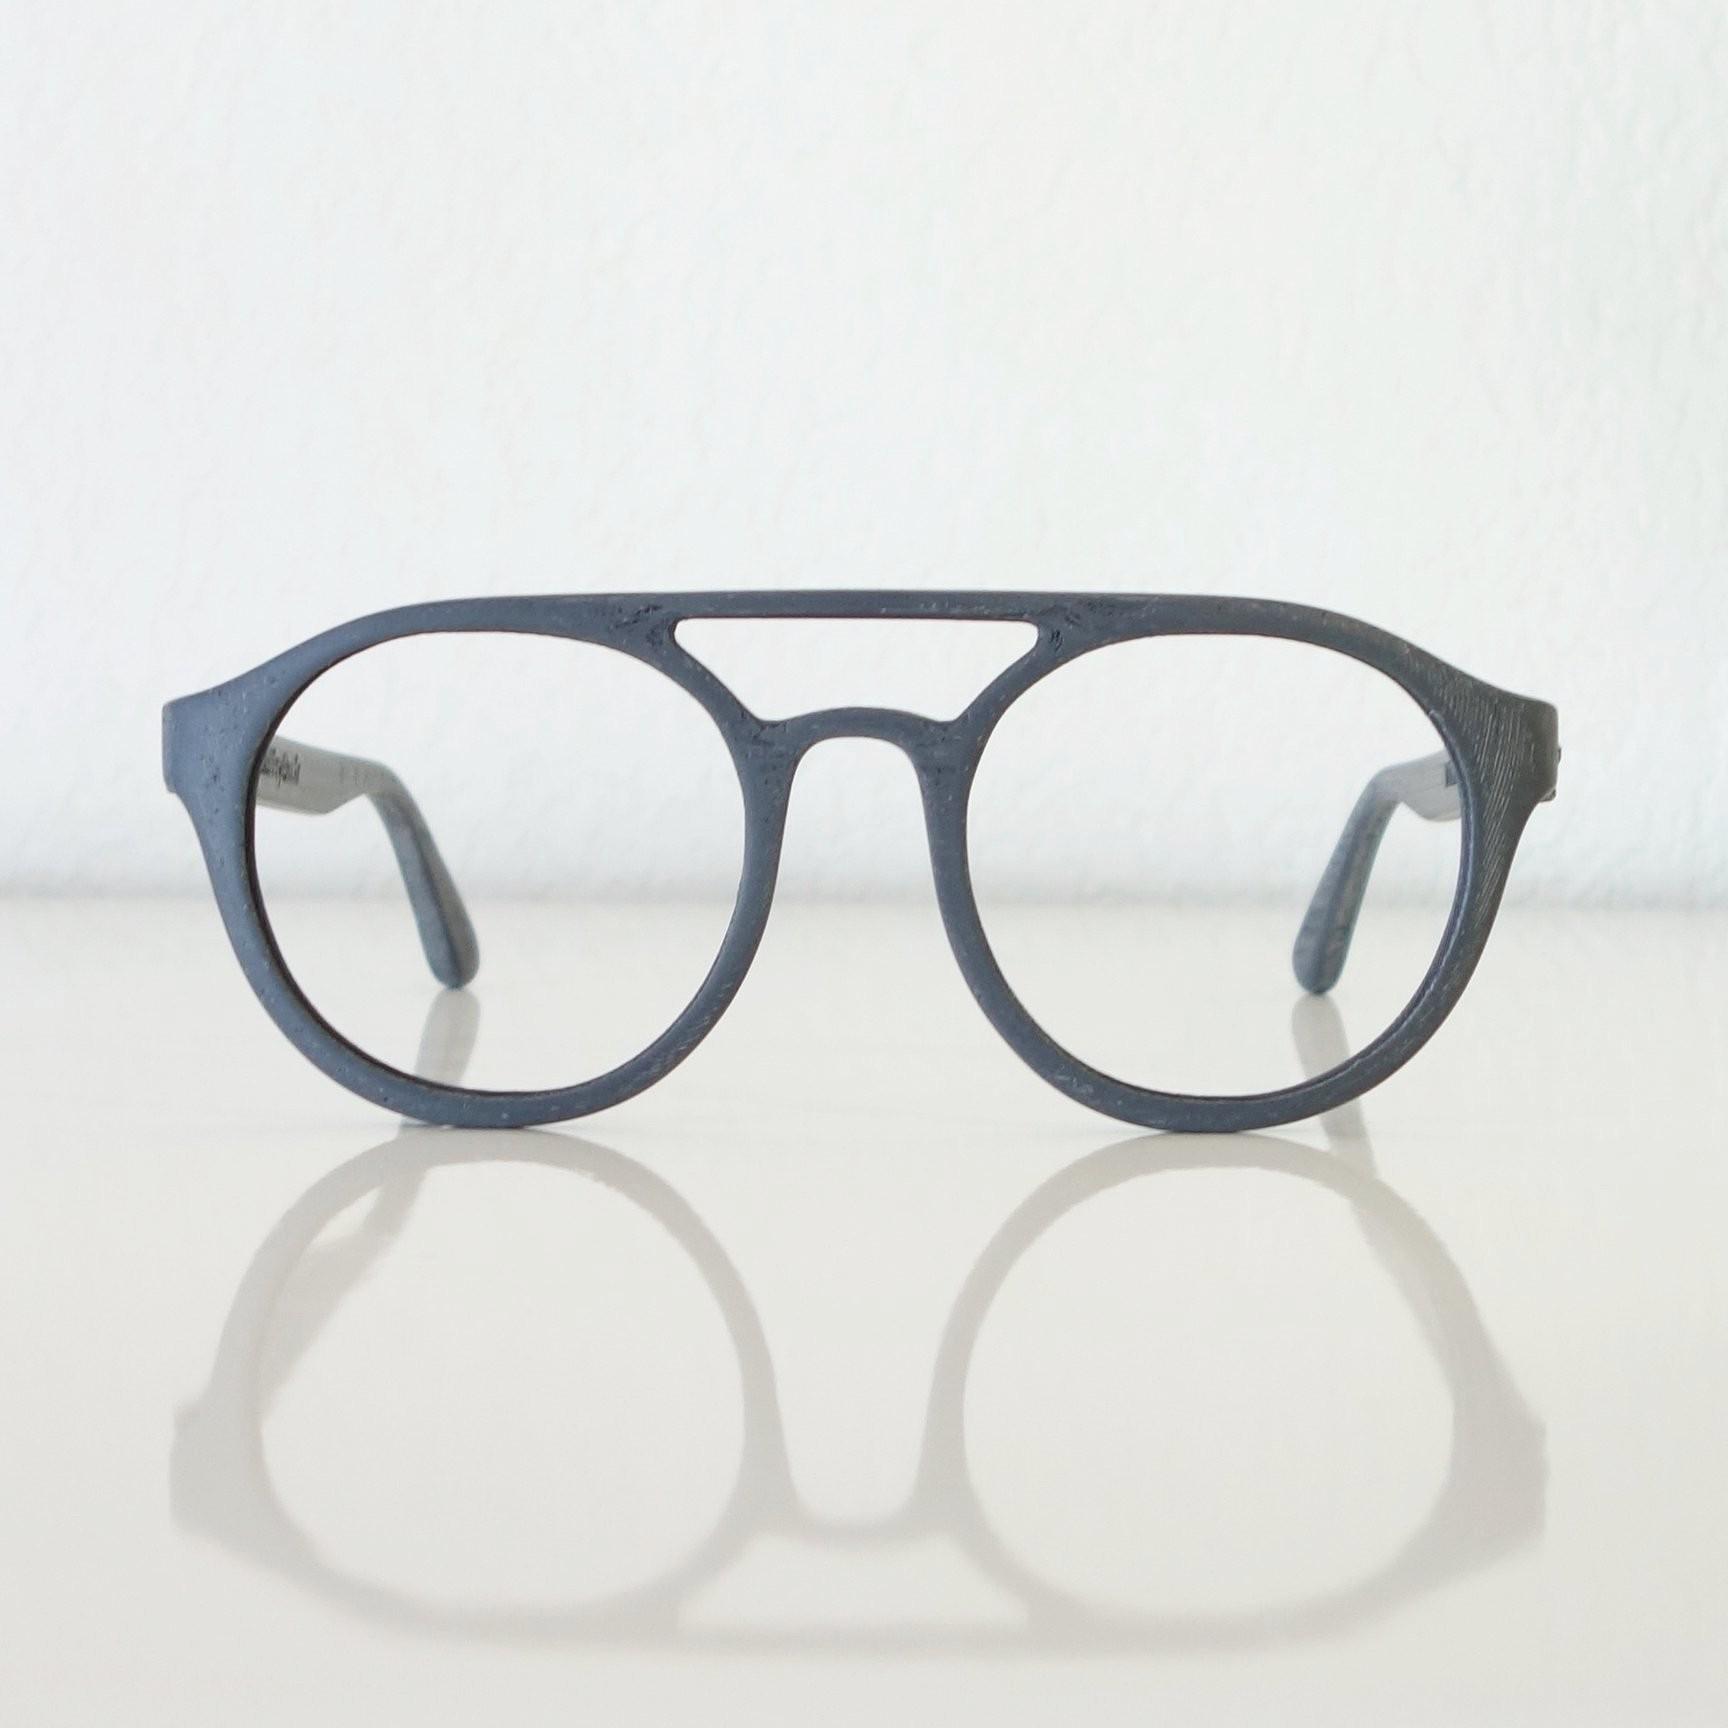 DSC03413.JPG Download free STL file VirtualTryOn.co.uk - 3D Eyewear - Enio • 3D printable model, Sacha_Zacaropoulos